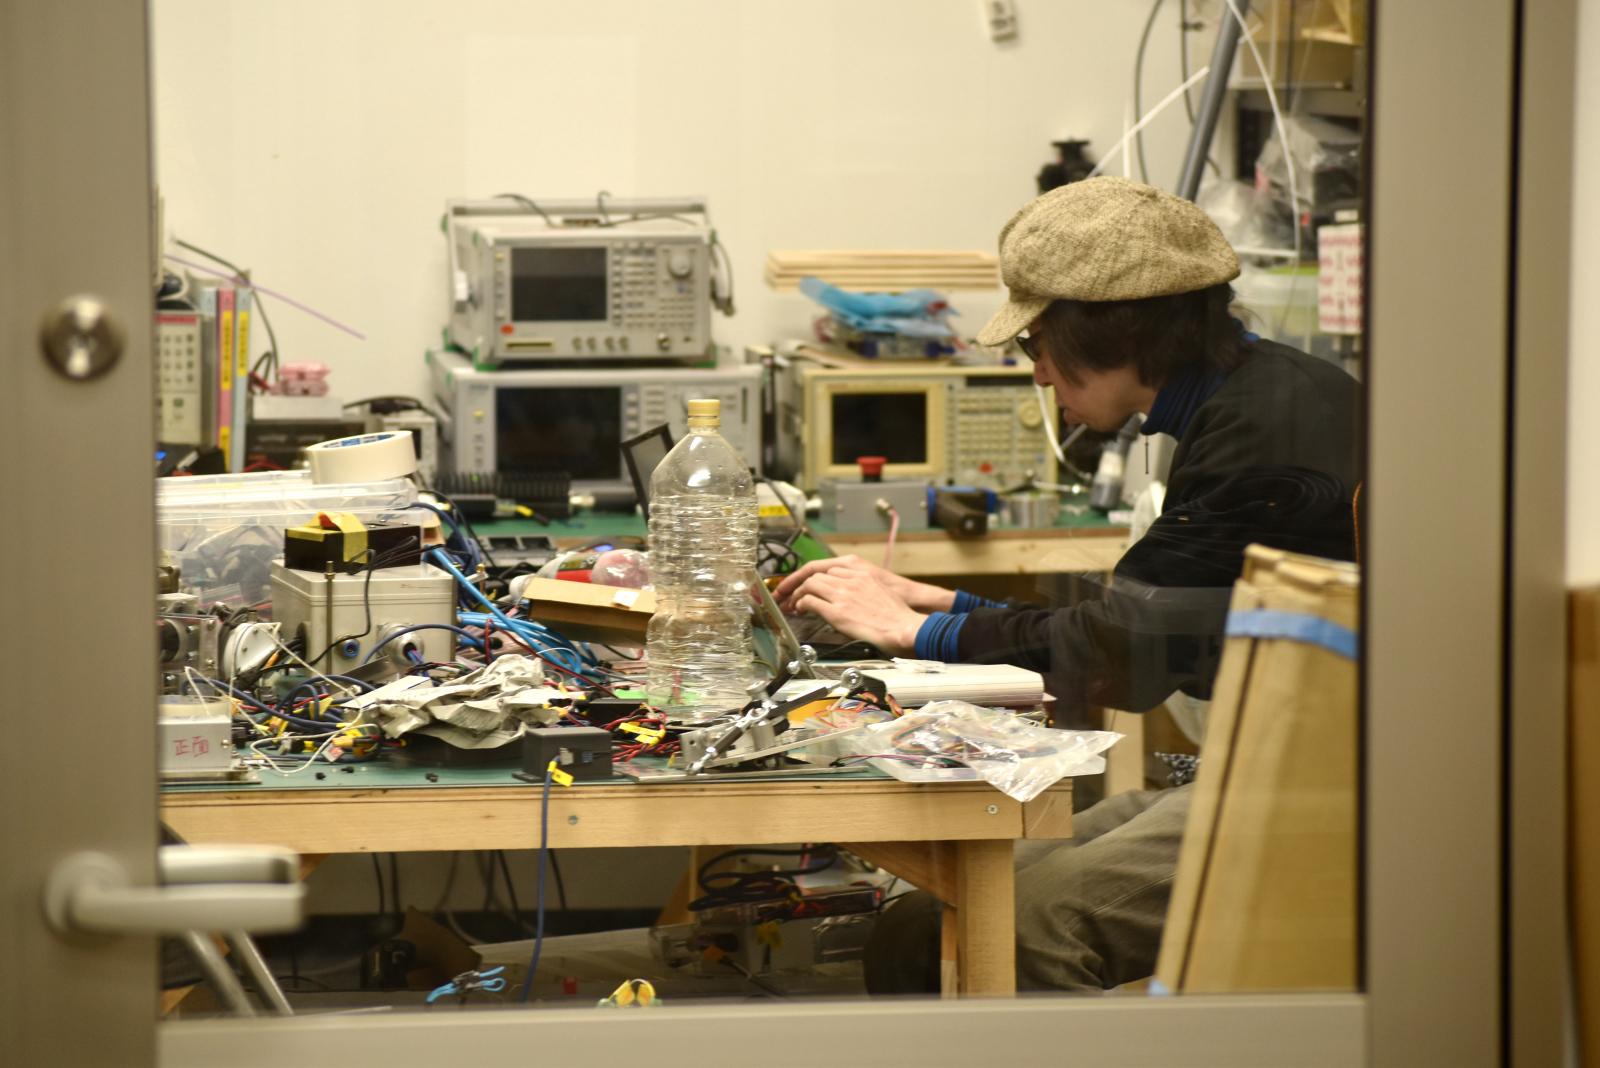 浦安市の工場では、電子機器がつくられている。